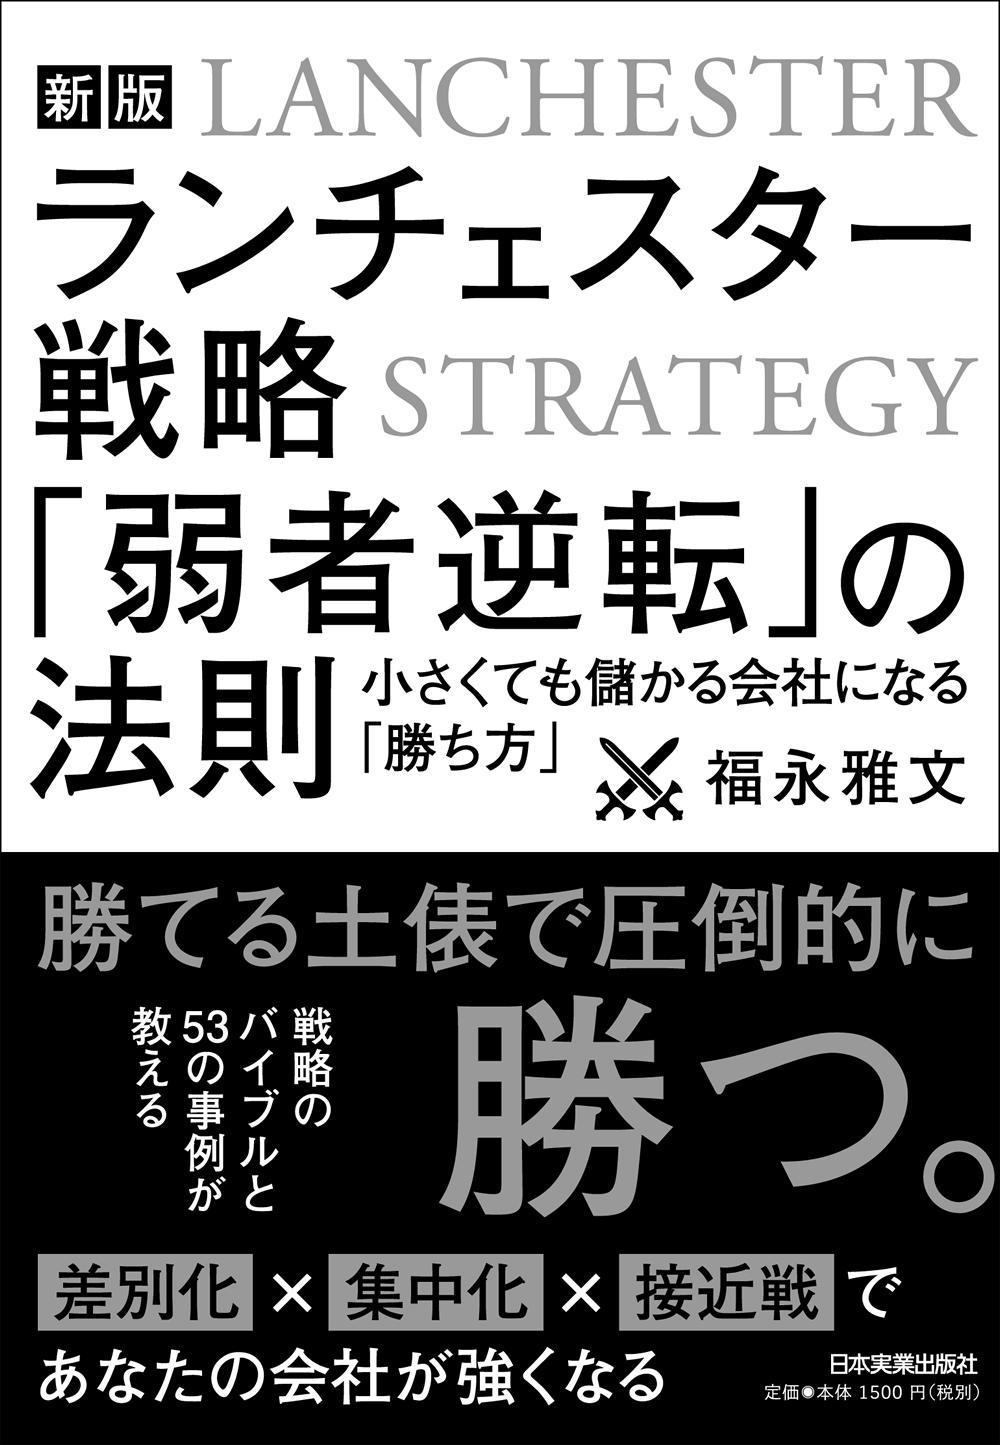 〔新版〕ランチェスター戦略『弱者逆転の法則』